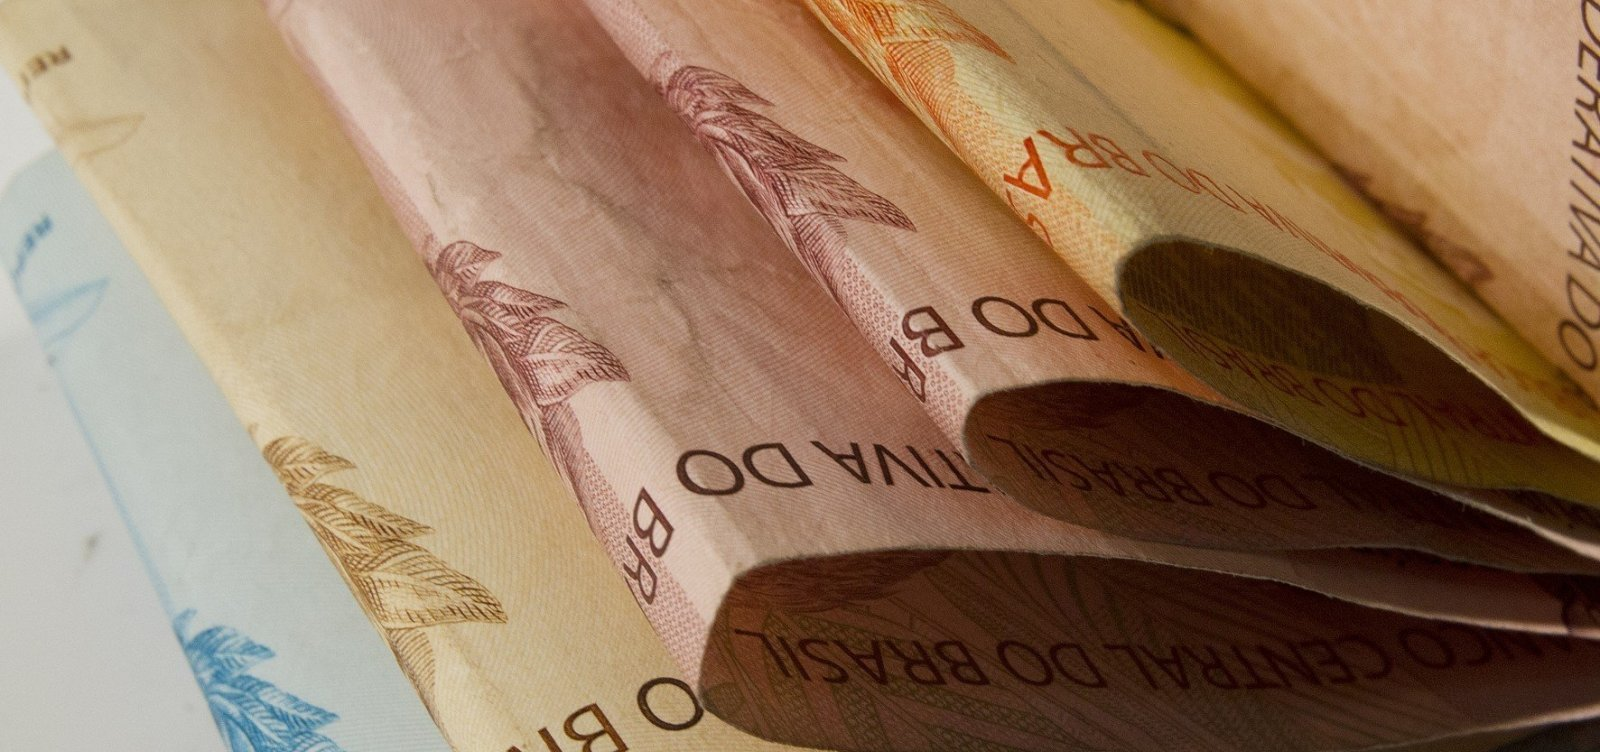 Quase 90% dos brasileiros pretendem usar 13º salário para quitar dívidas, diz pesquisa